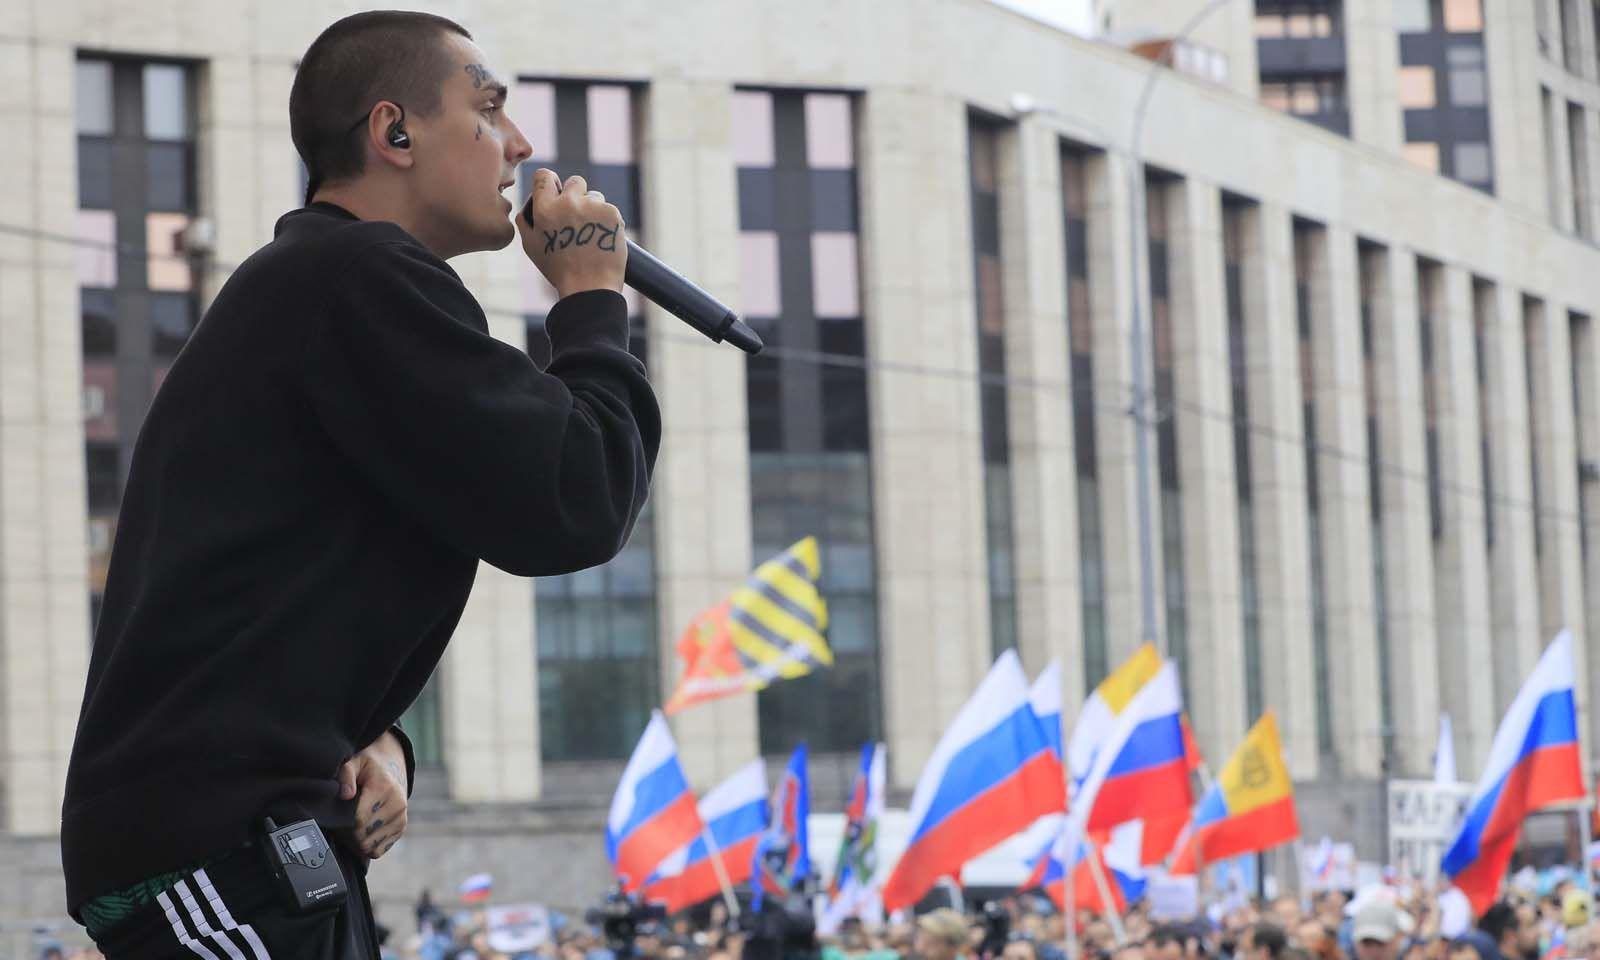 Der russische Rapper Face bei einer Performance während der Proteste.